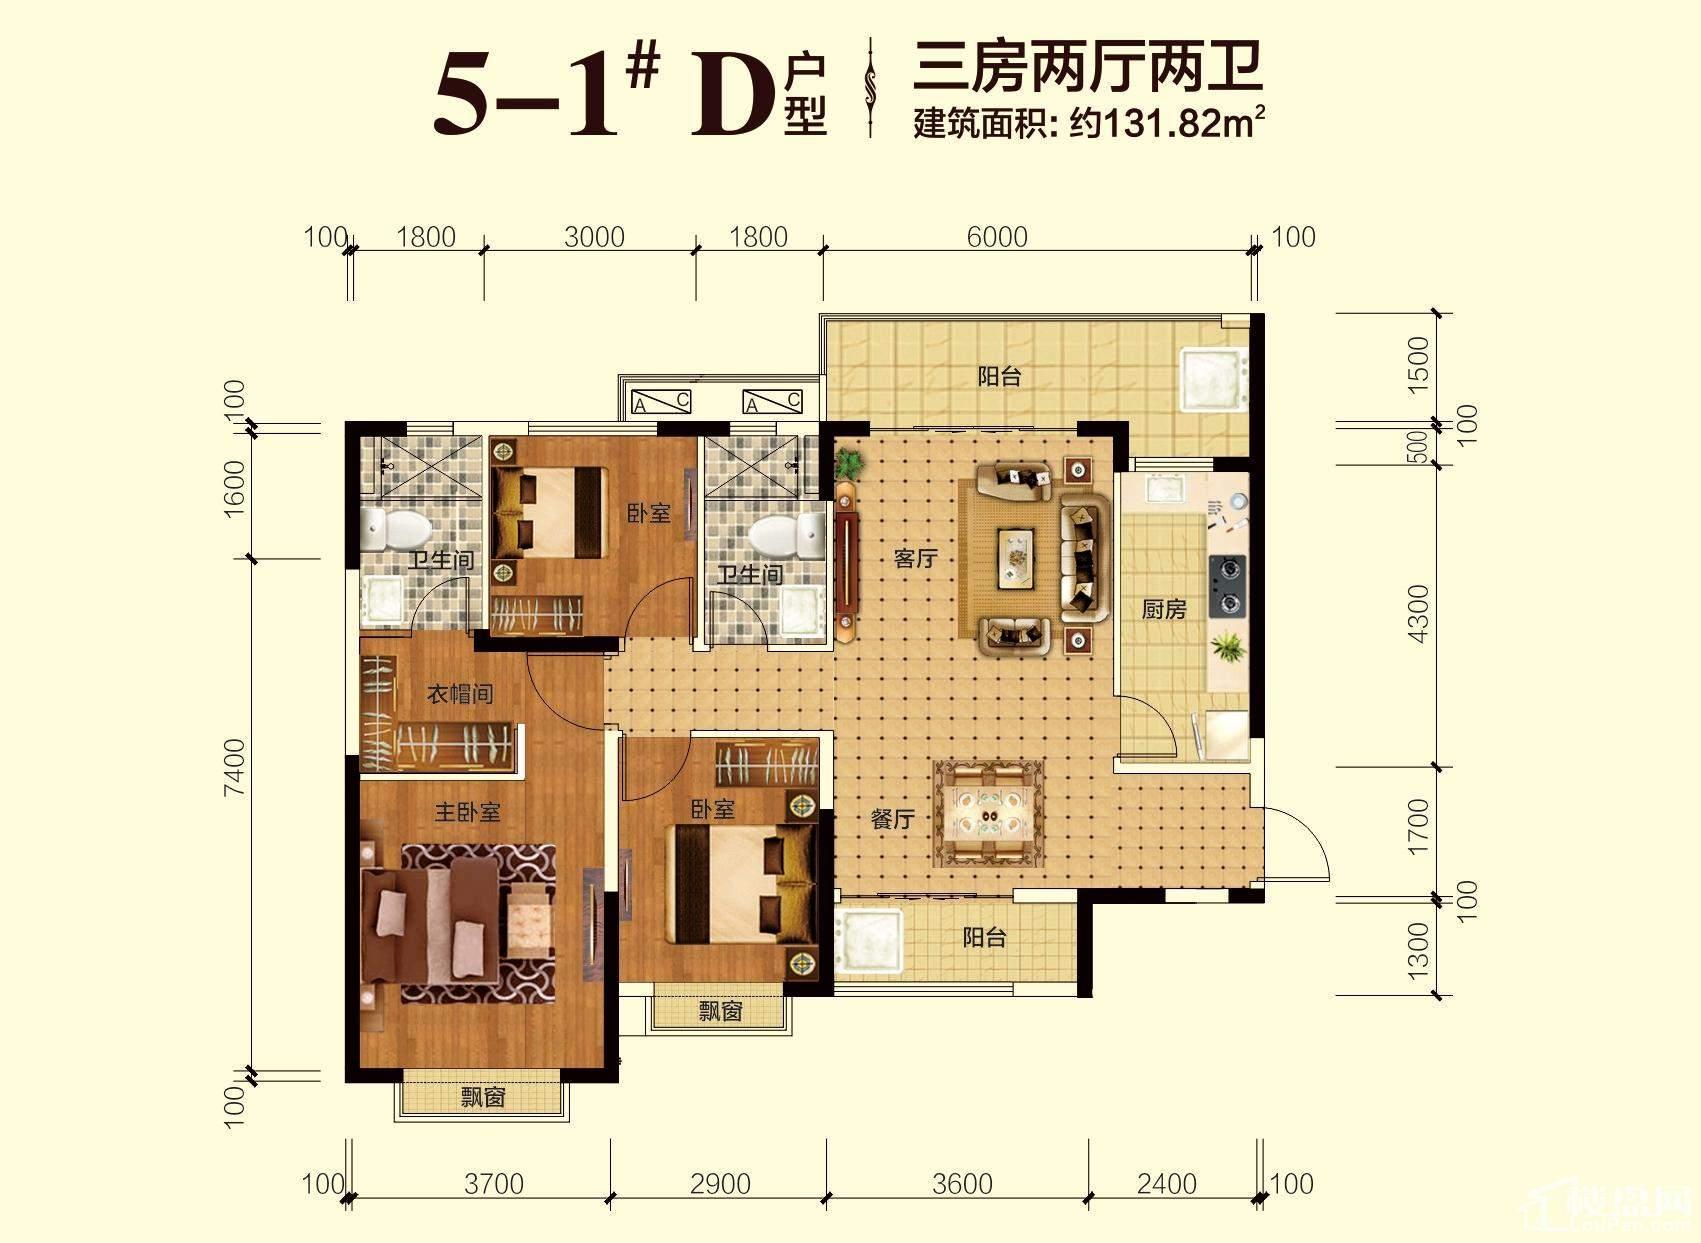 高层5-1#楼D户型